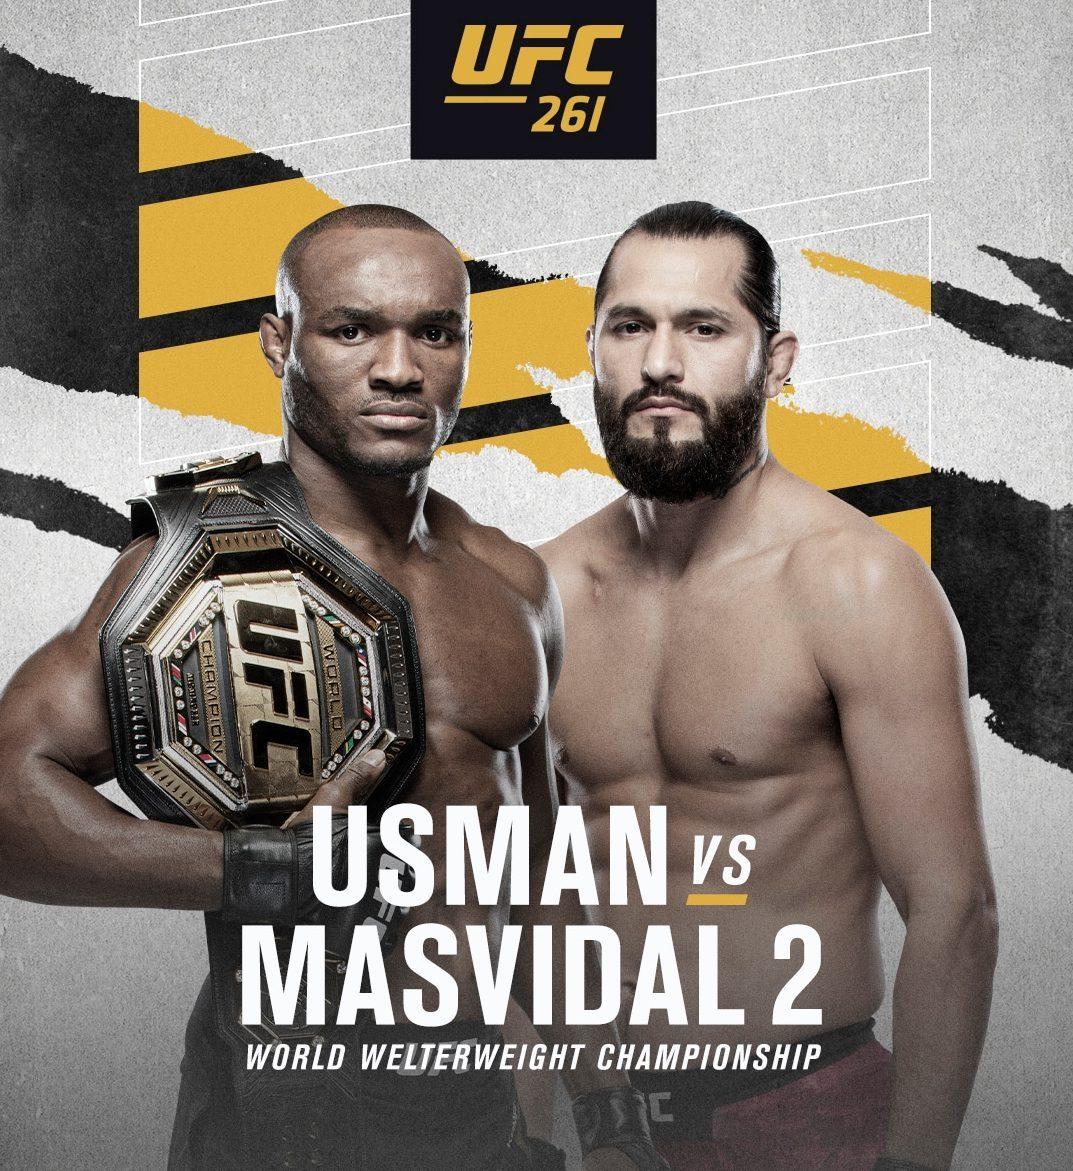 Masvidal vs Kamaru Usman